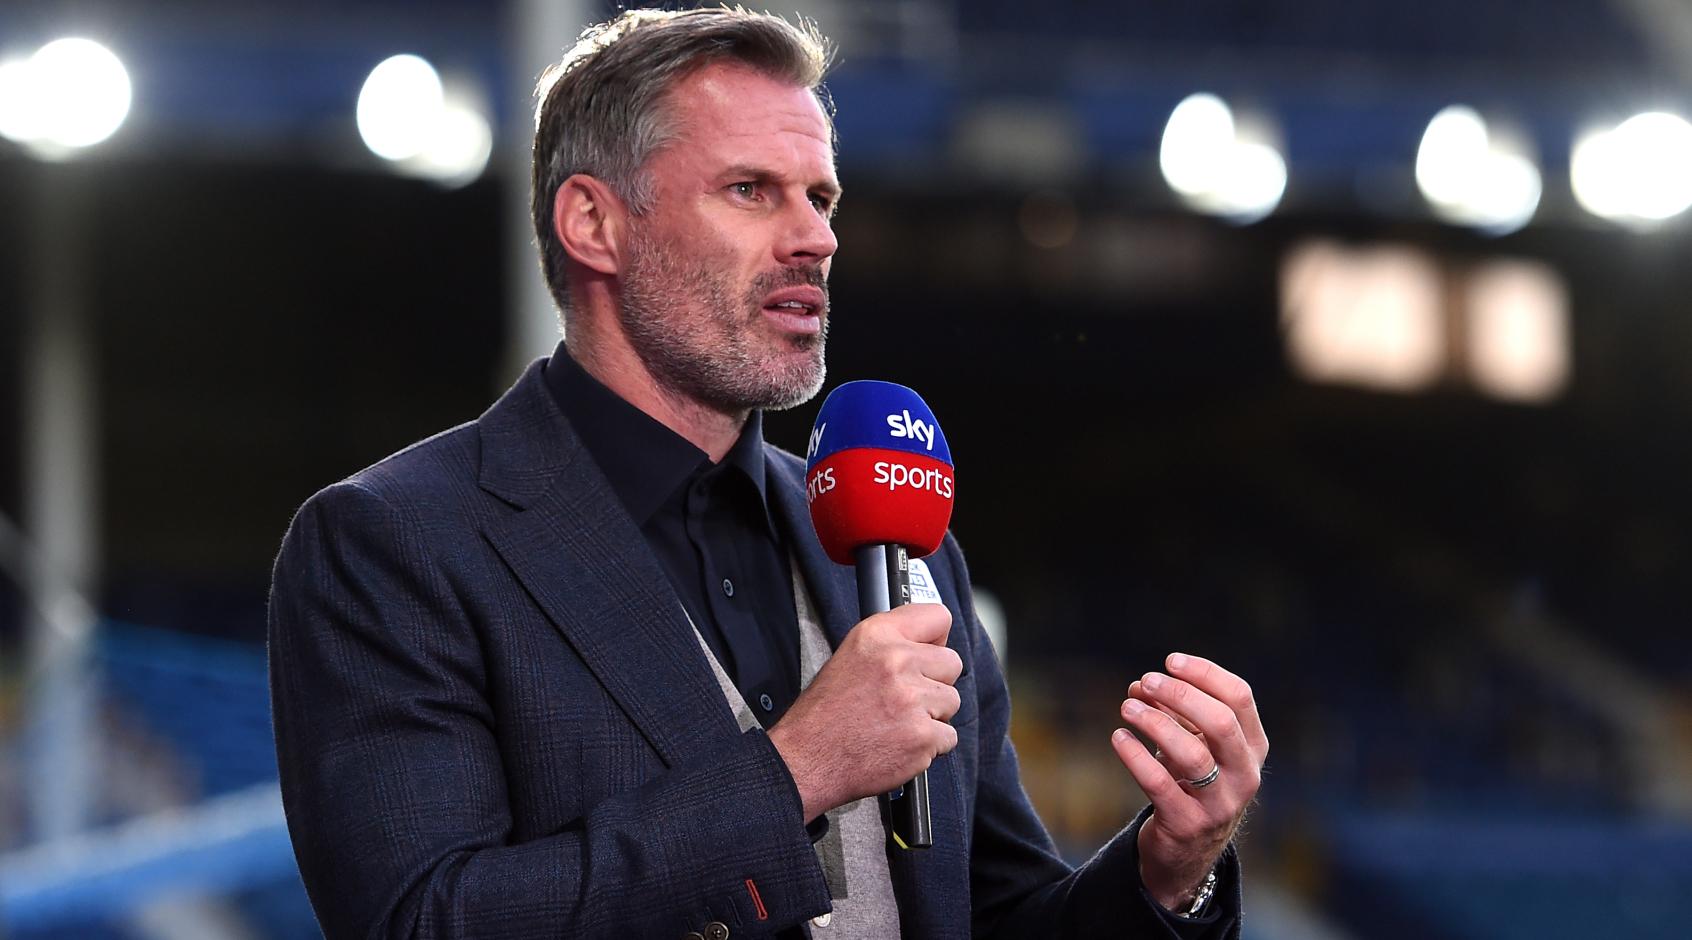 """Джейми Каррагер: """"Если """"Ливерпуль"""" из-за Суперлиги потеряет Клоппа, владельцы вылетят из клуба через неделю"""""""